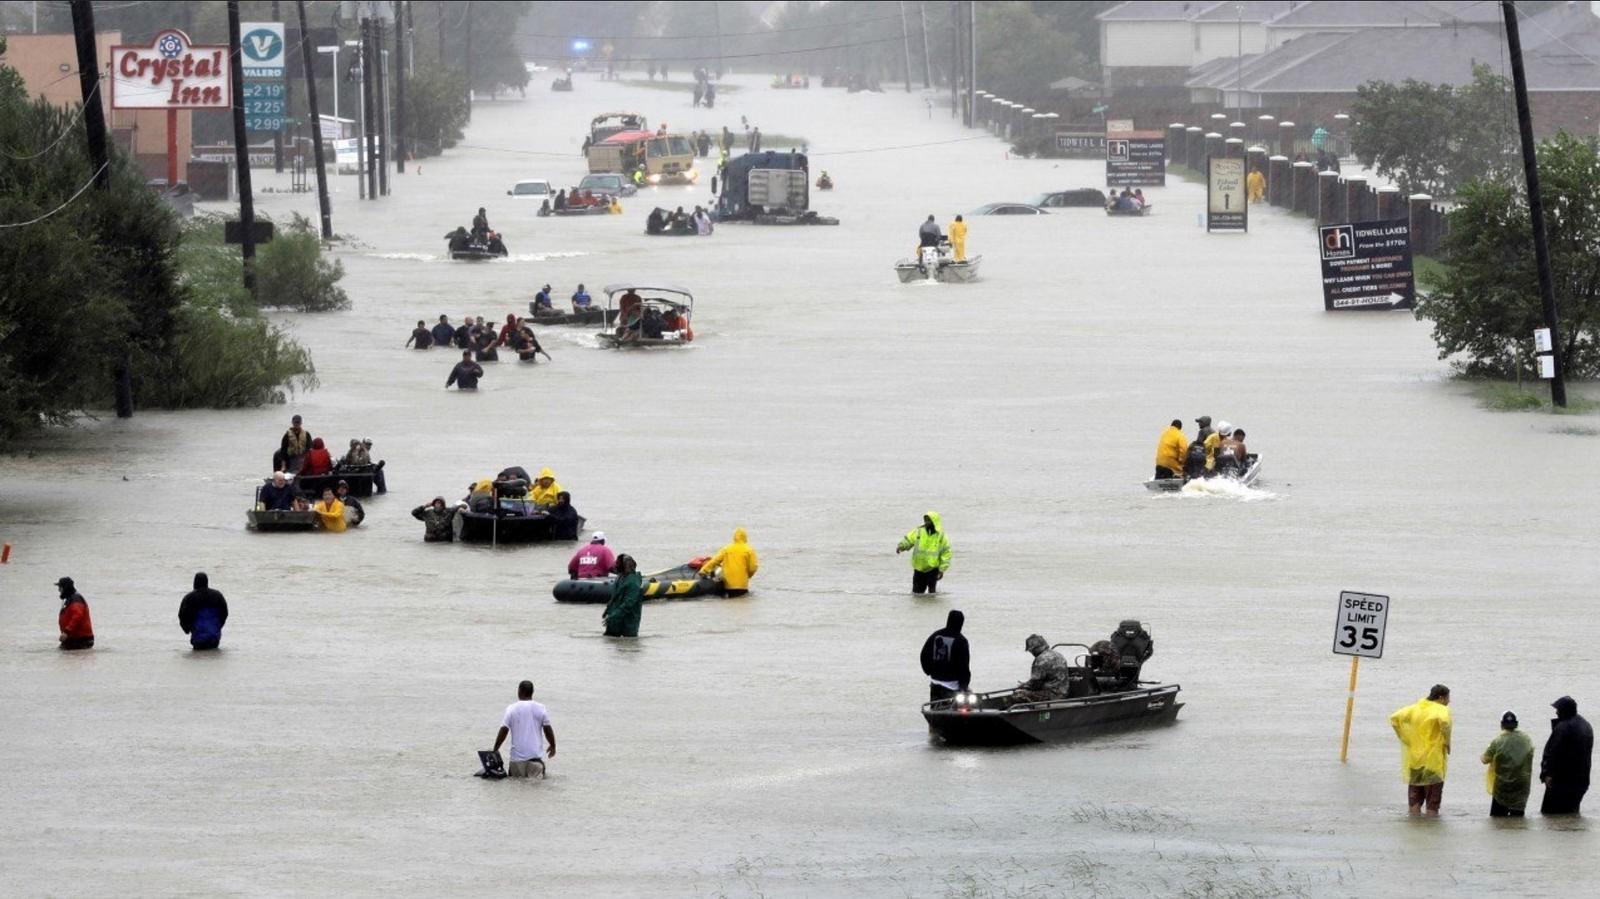 L'emergenza climatica è sempre più decisiva nelle scelte migratorie